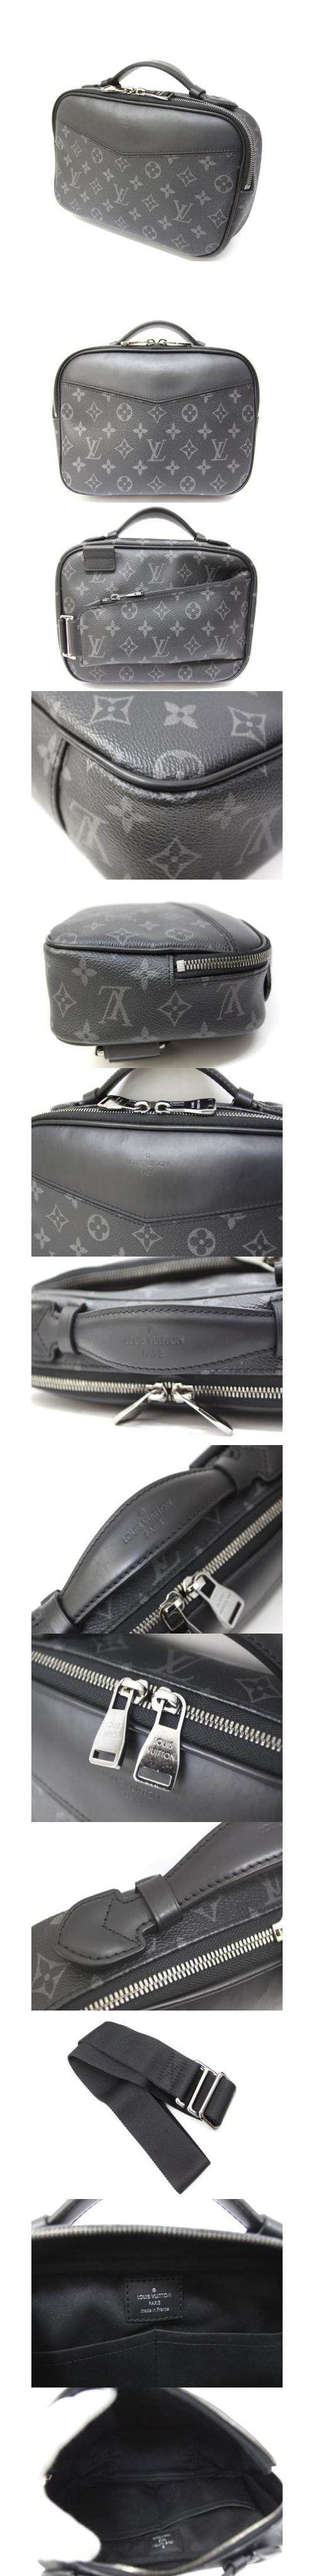 セカンドバッグ ボディバッグ バムバッグ M42906 モノグラム エクリプス 鞄 /Z